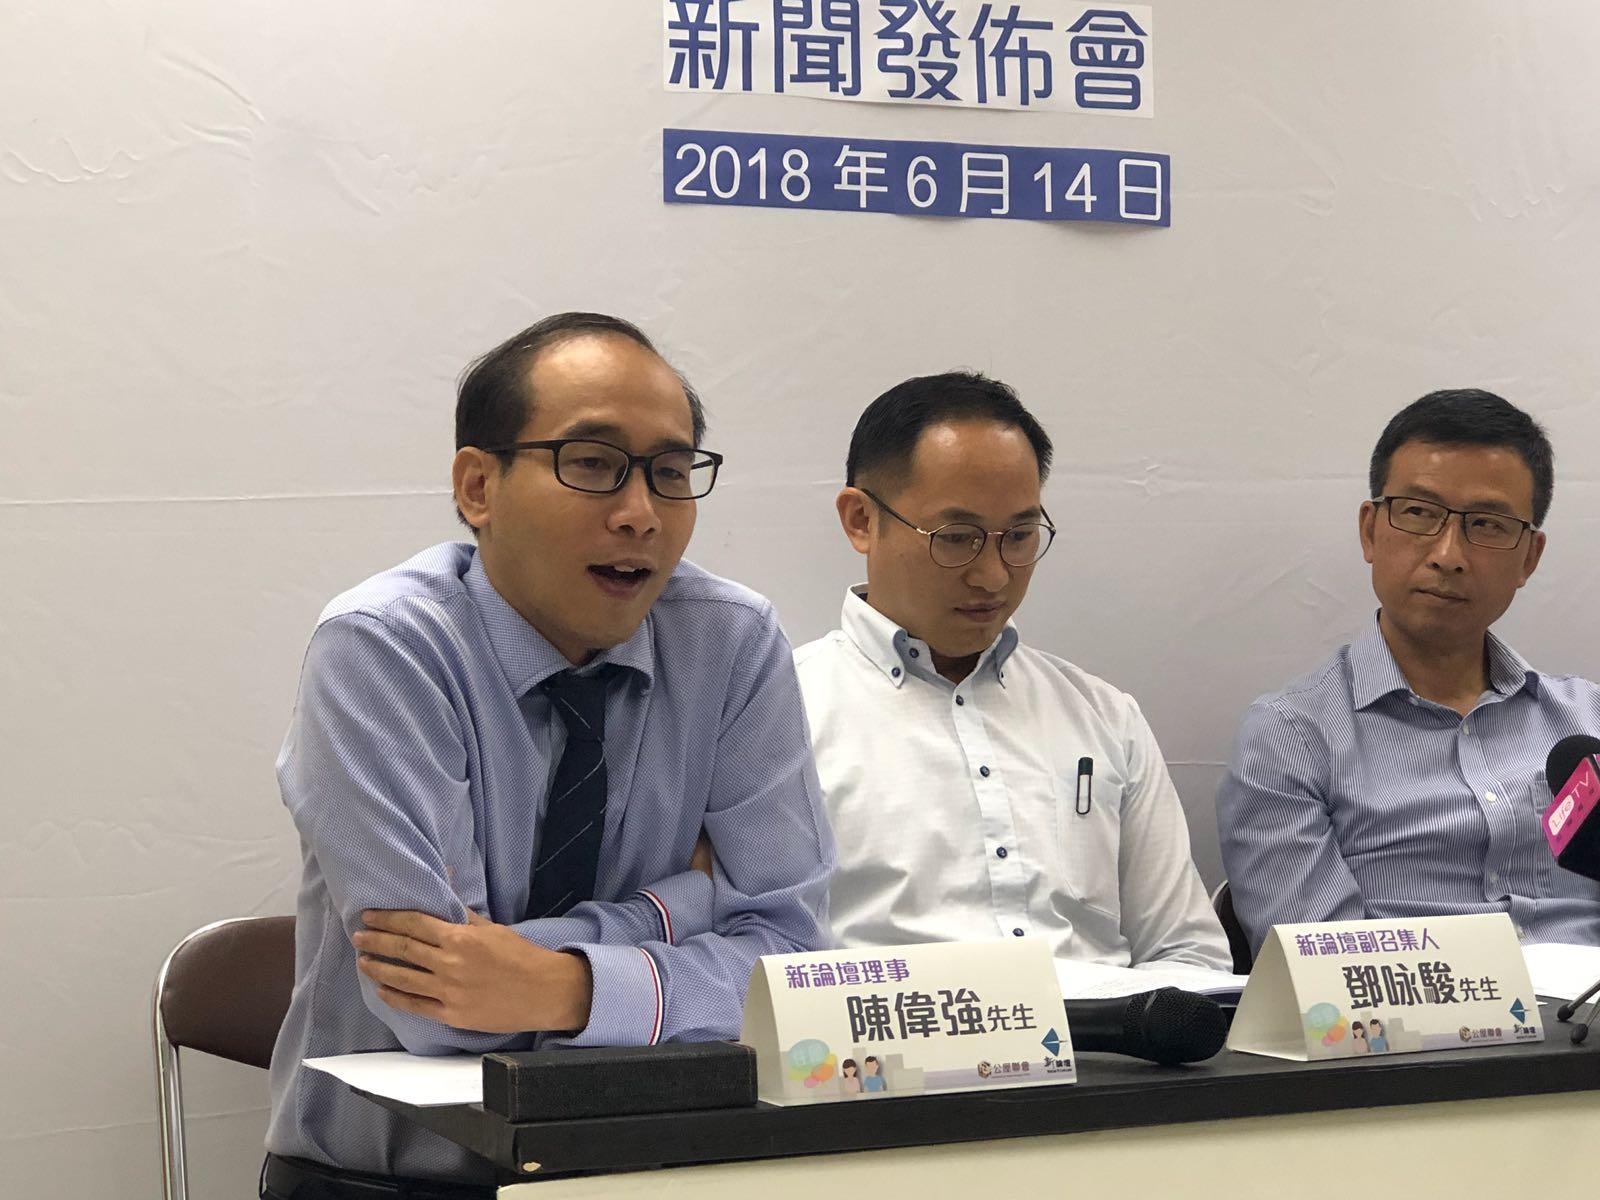 新論壇理事陳偉強(左)稱香港樓價高,青年難以負擔。鄺沛同攝